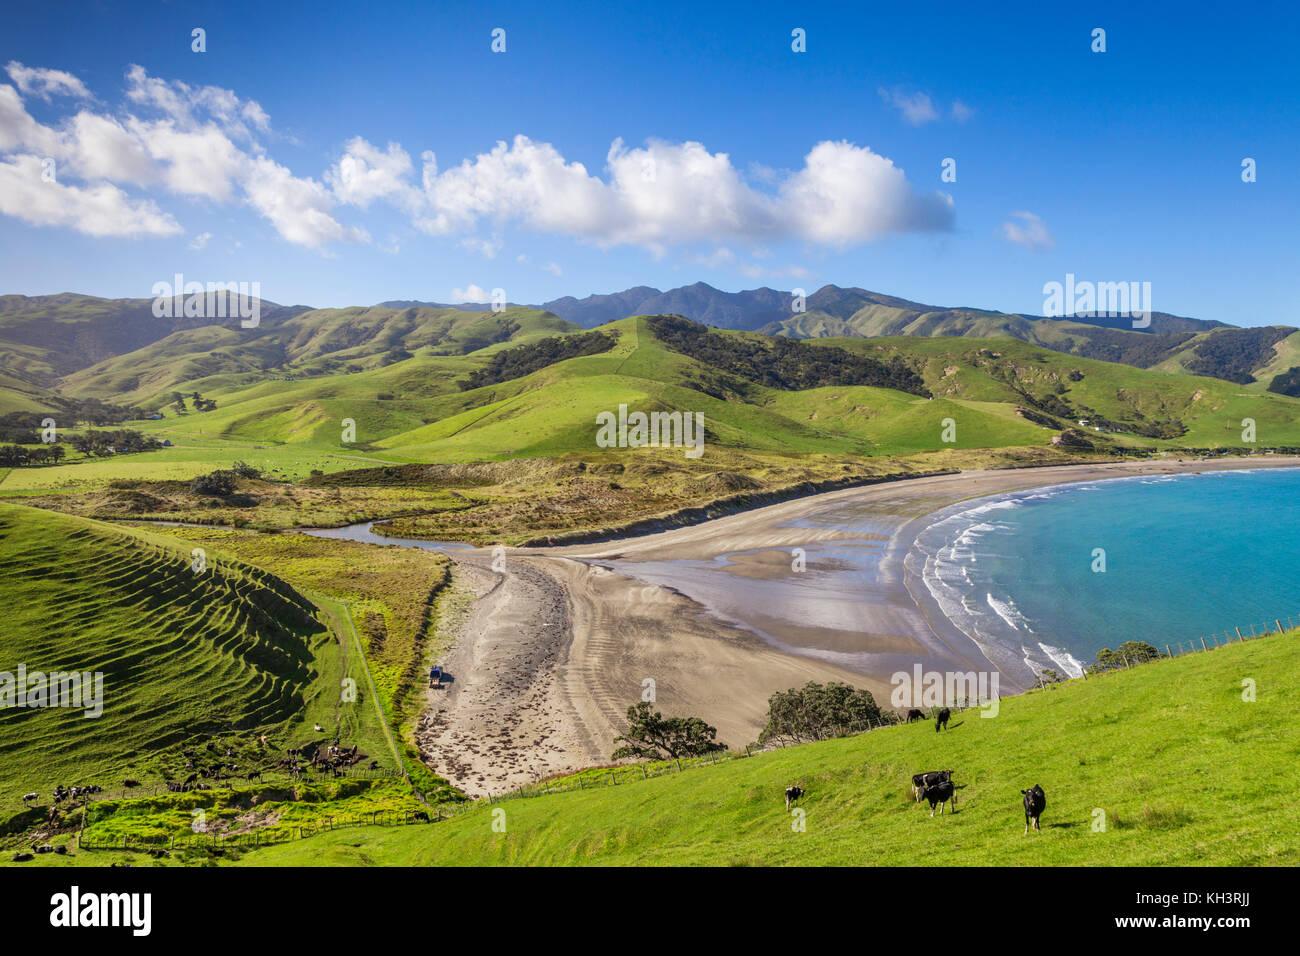 Die grünen Hügeln der Coromandel Halbinsel in Port Jackson, Neuseeland. Stockbild